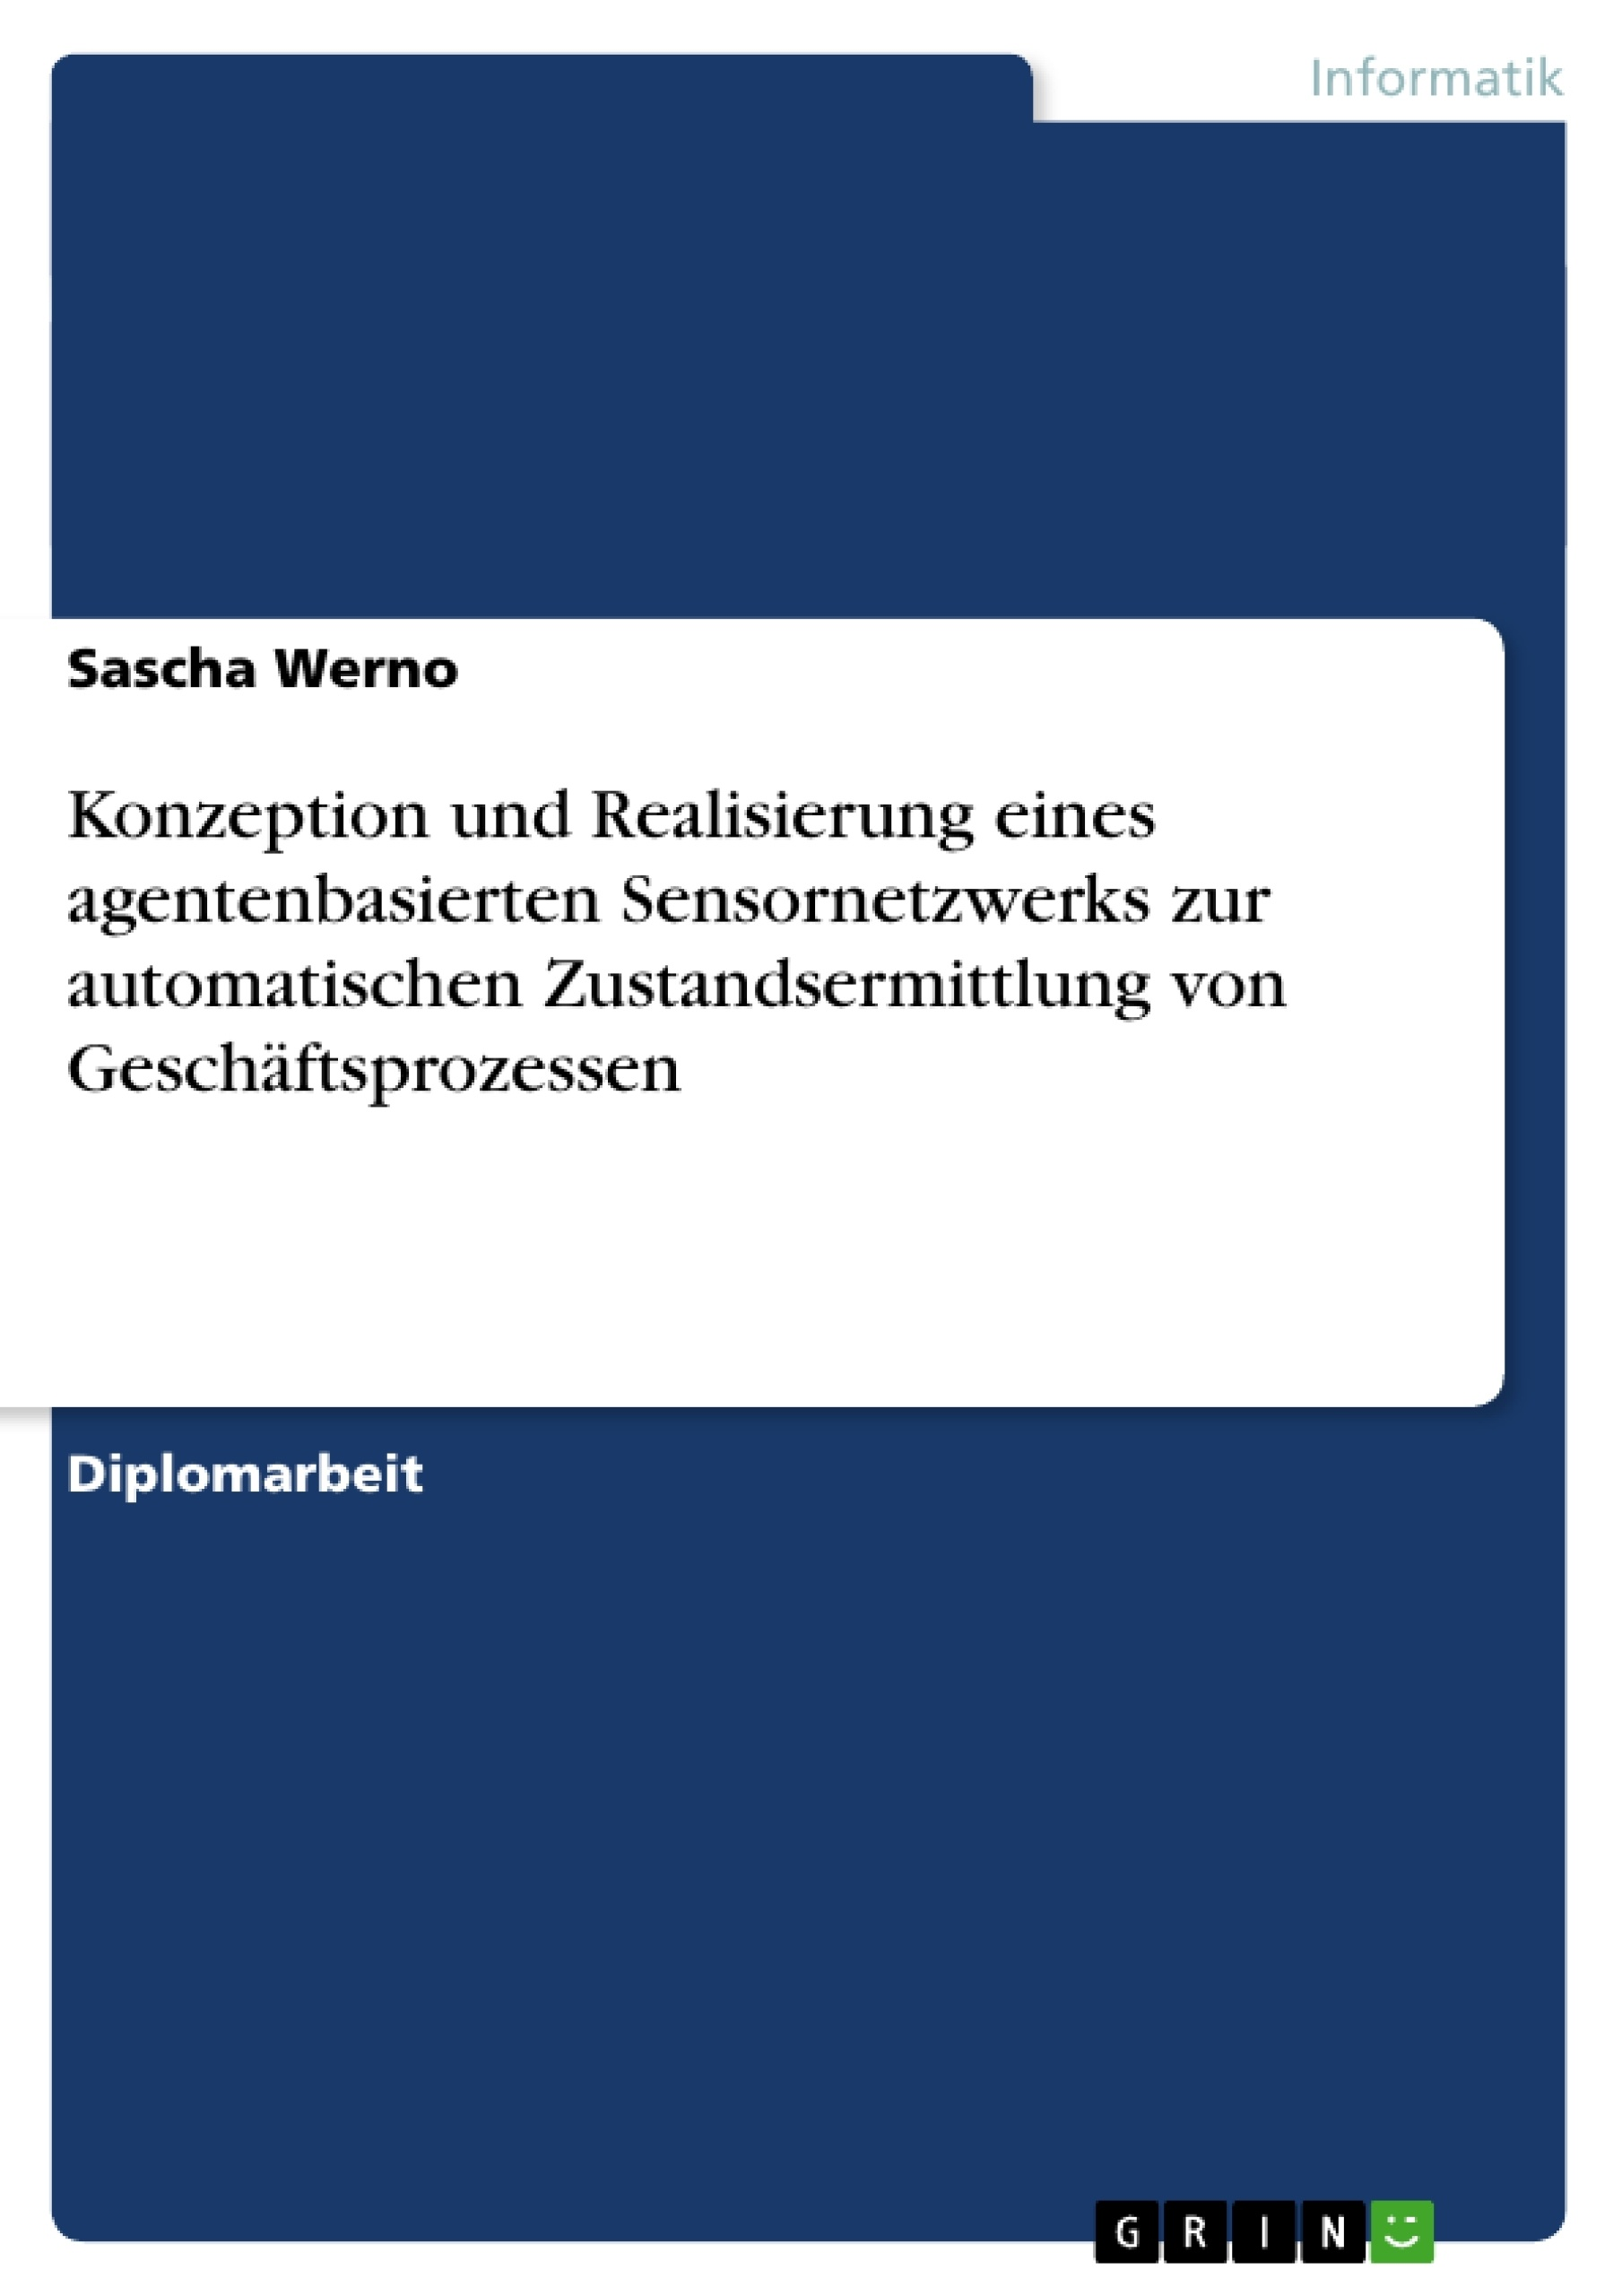 Titel: Konzeption und Realisierung eines agentenbasierten Sensornetzwerks zur automatischen Zustandsermittlung von Geschäftsprozessen